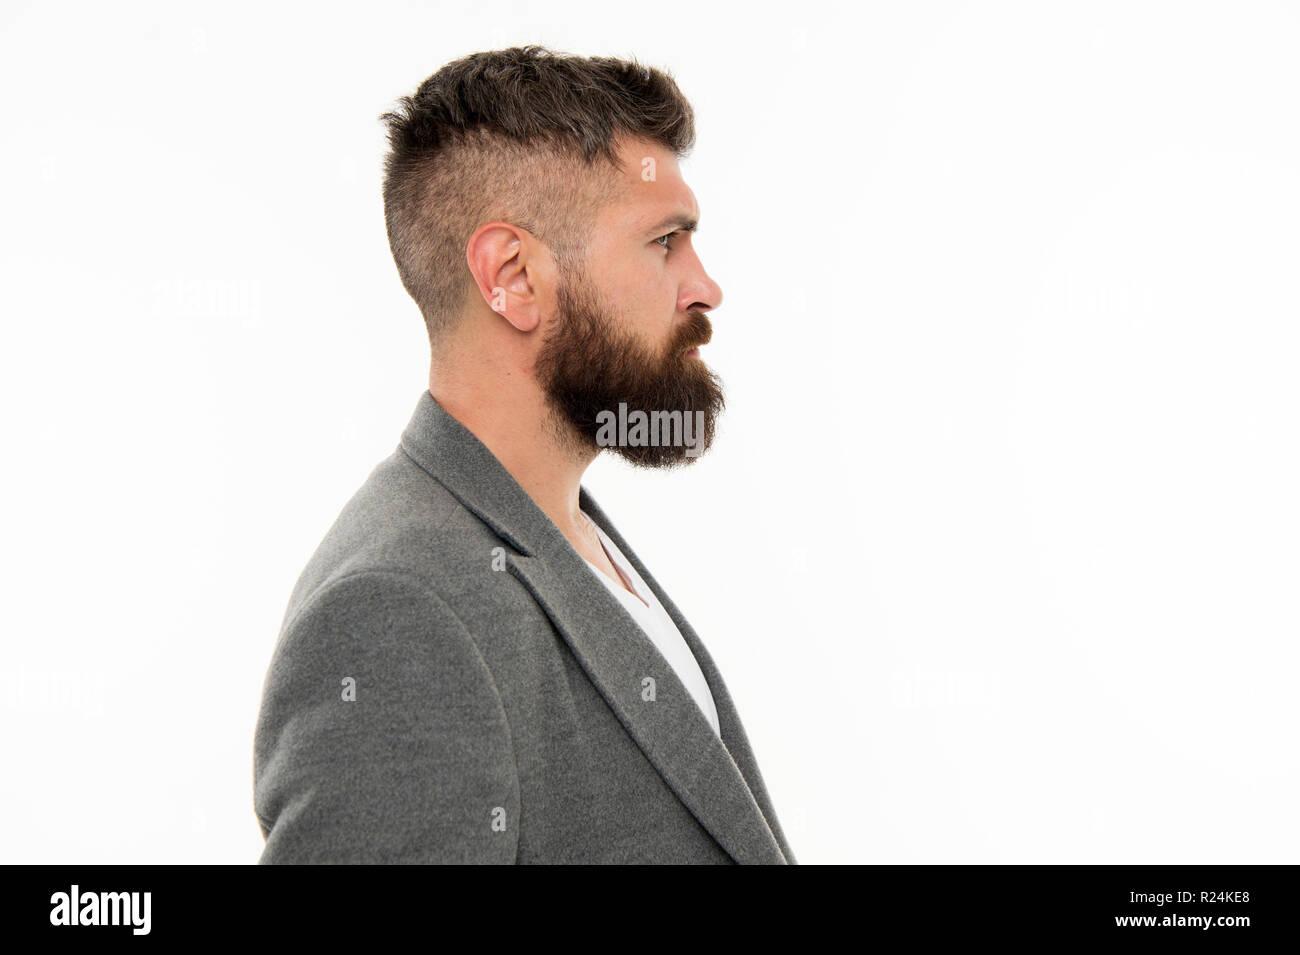 Barba moda e barbiere concetto. Uomo Barbuto hipster elegante barba e baffi 3d29aebf27f3